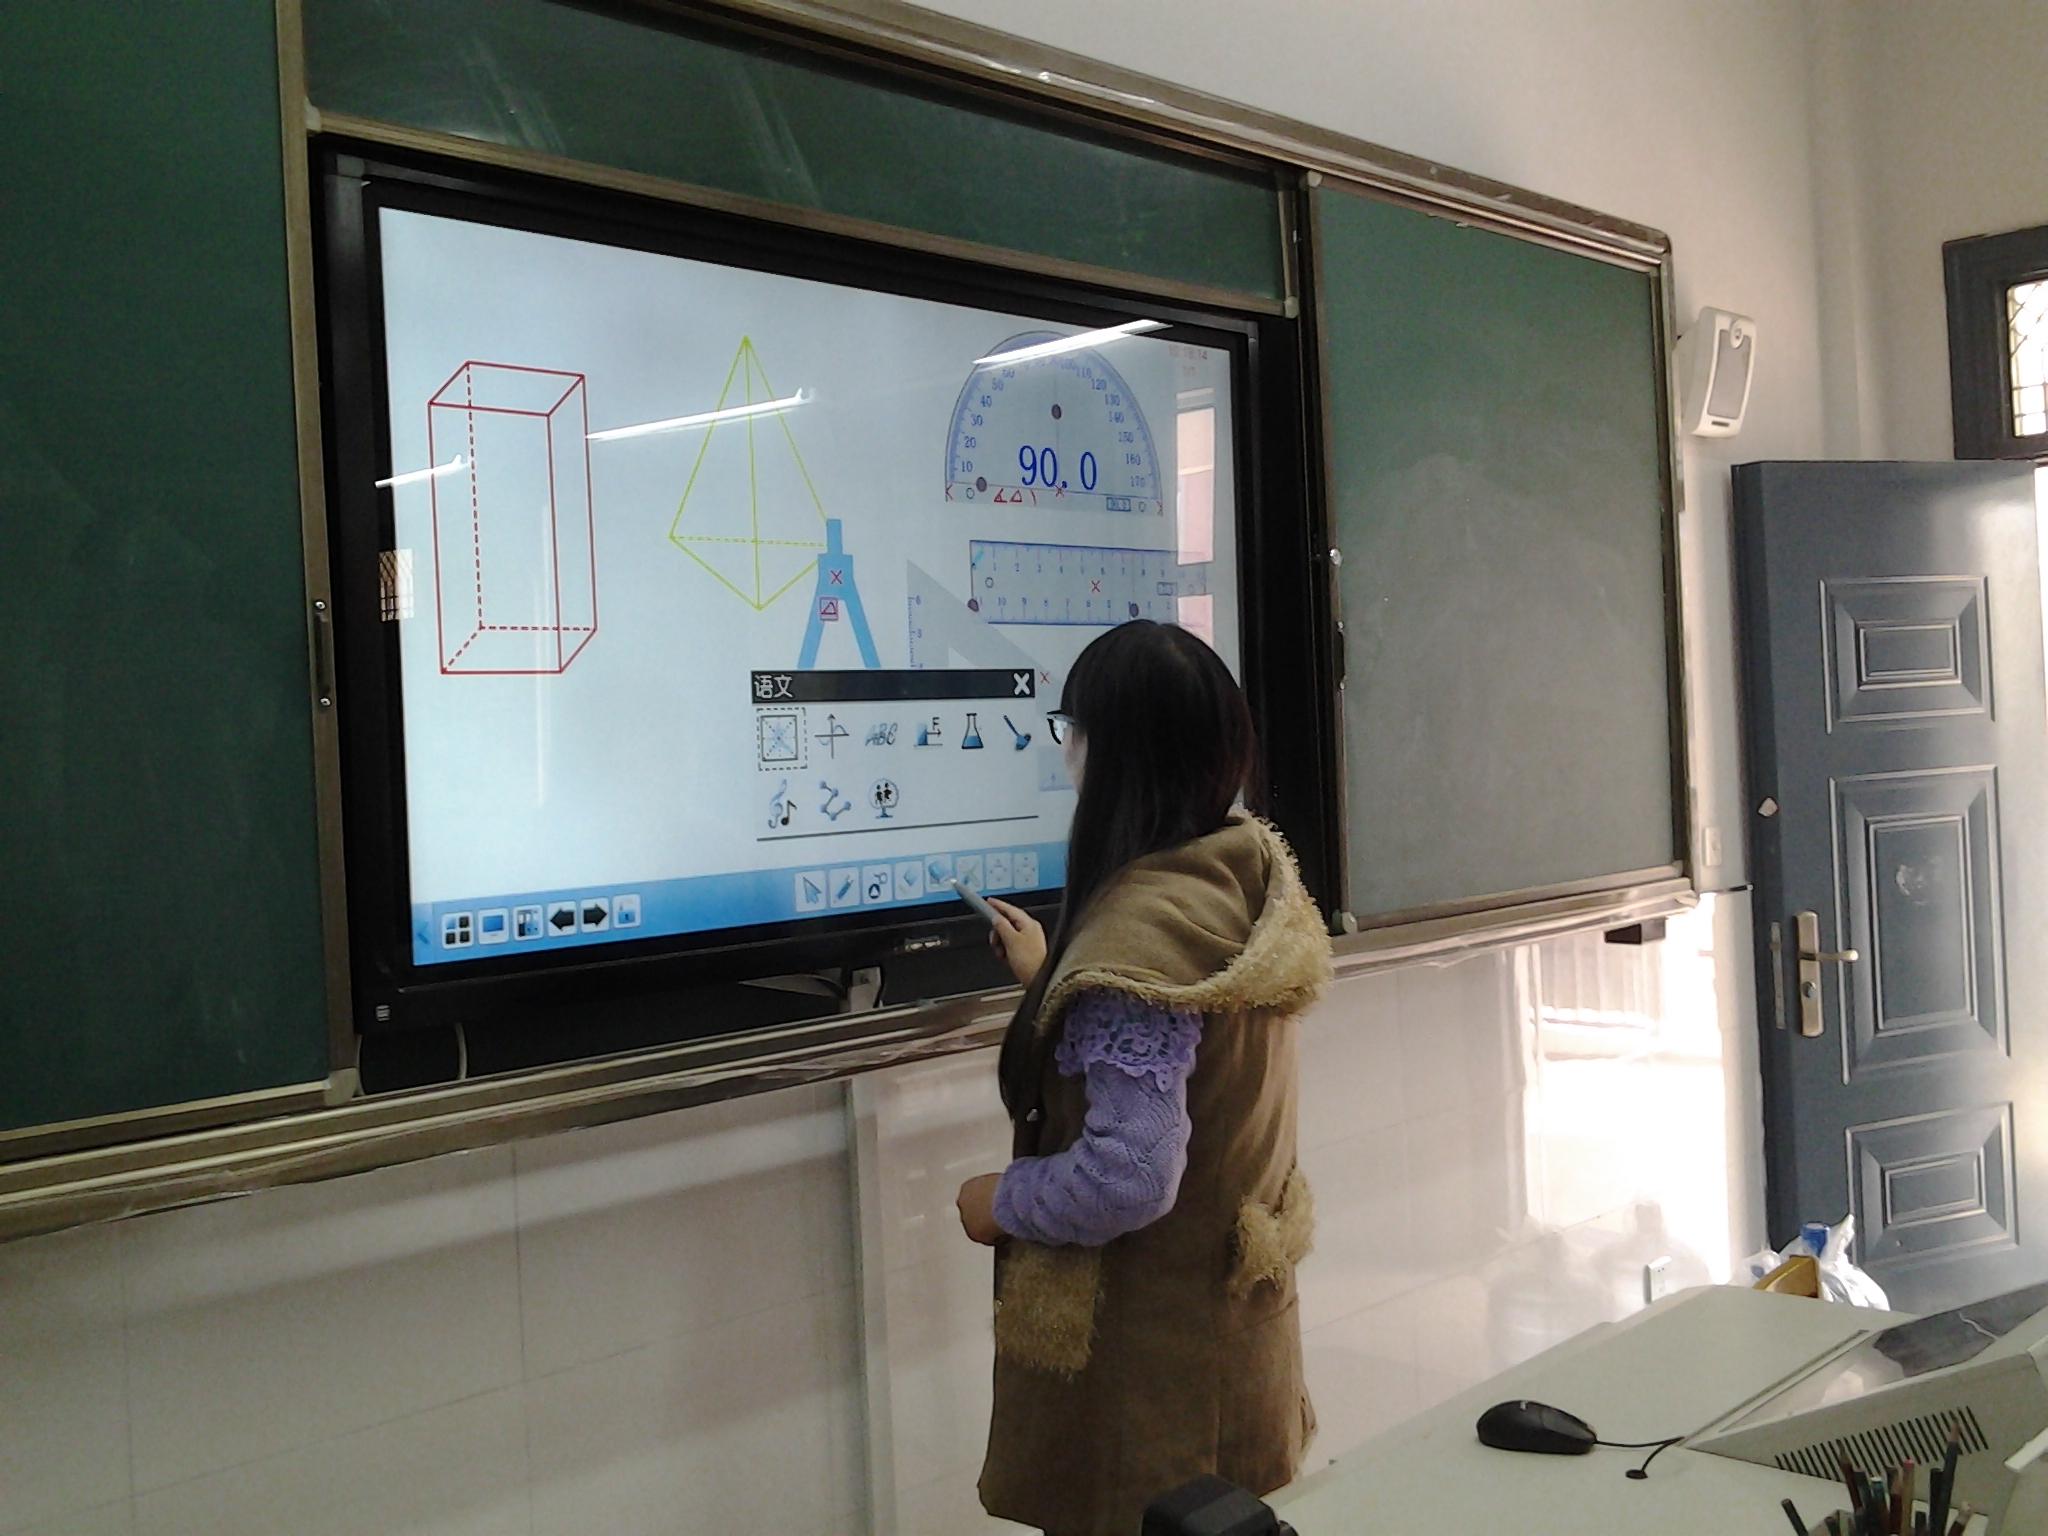 多媒体教学一体机_产品目录 办公文教 教学和演示用具 多媒体教学一体机 > 北京市政府